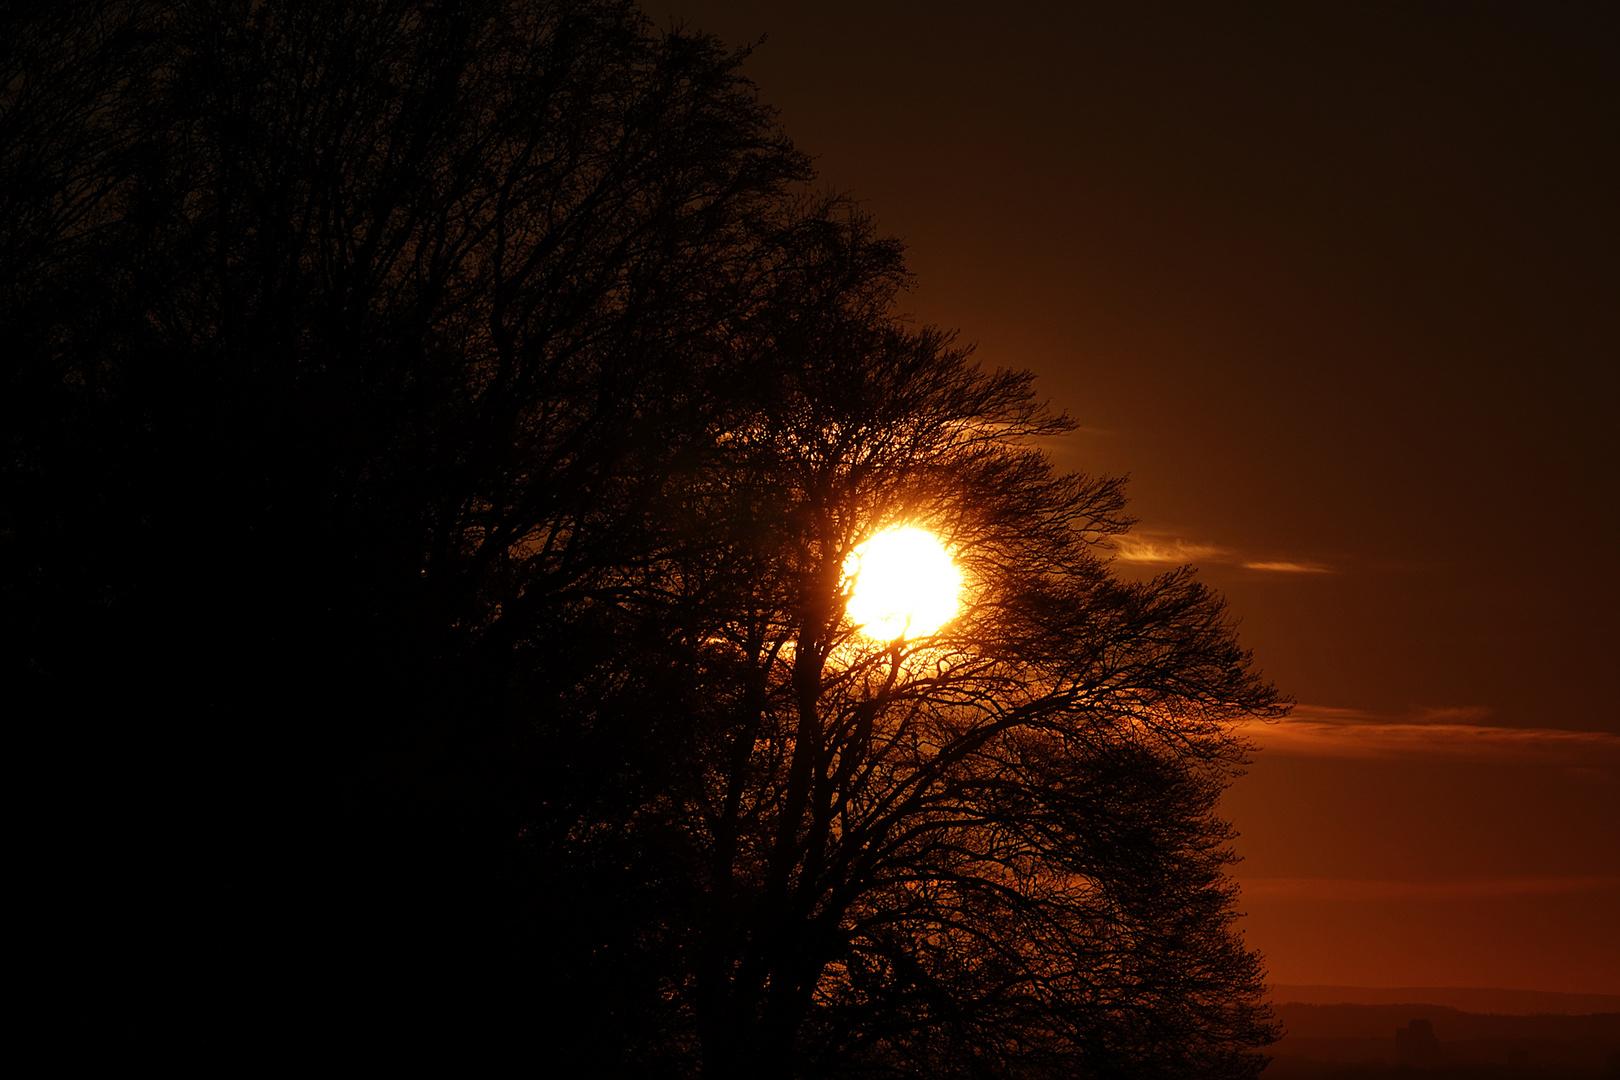 von der Abendsonne durchdrungen